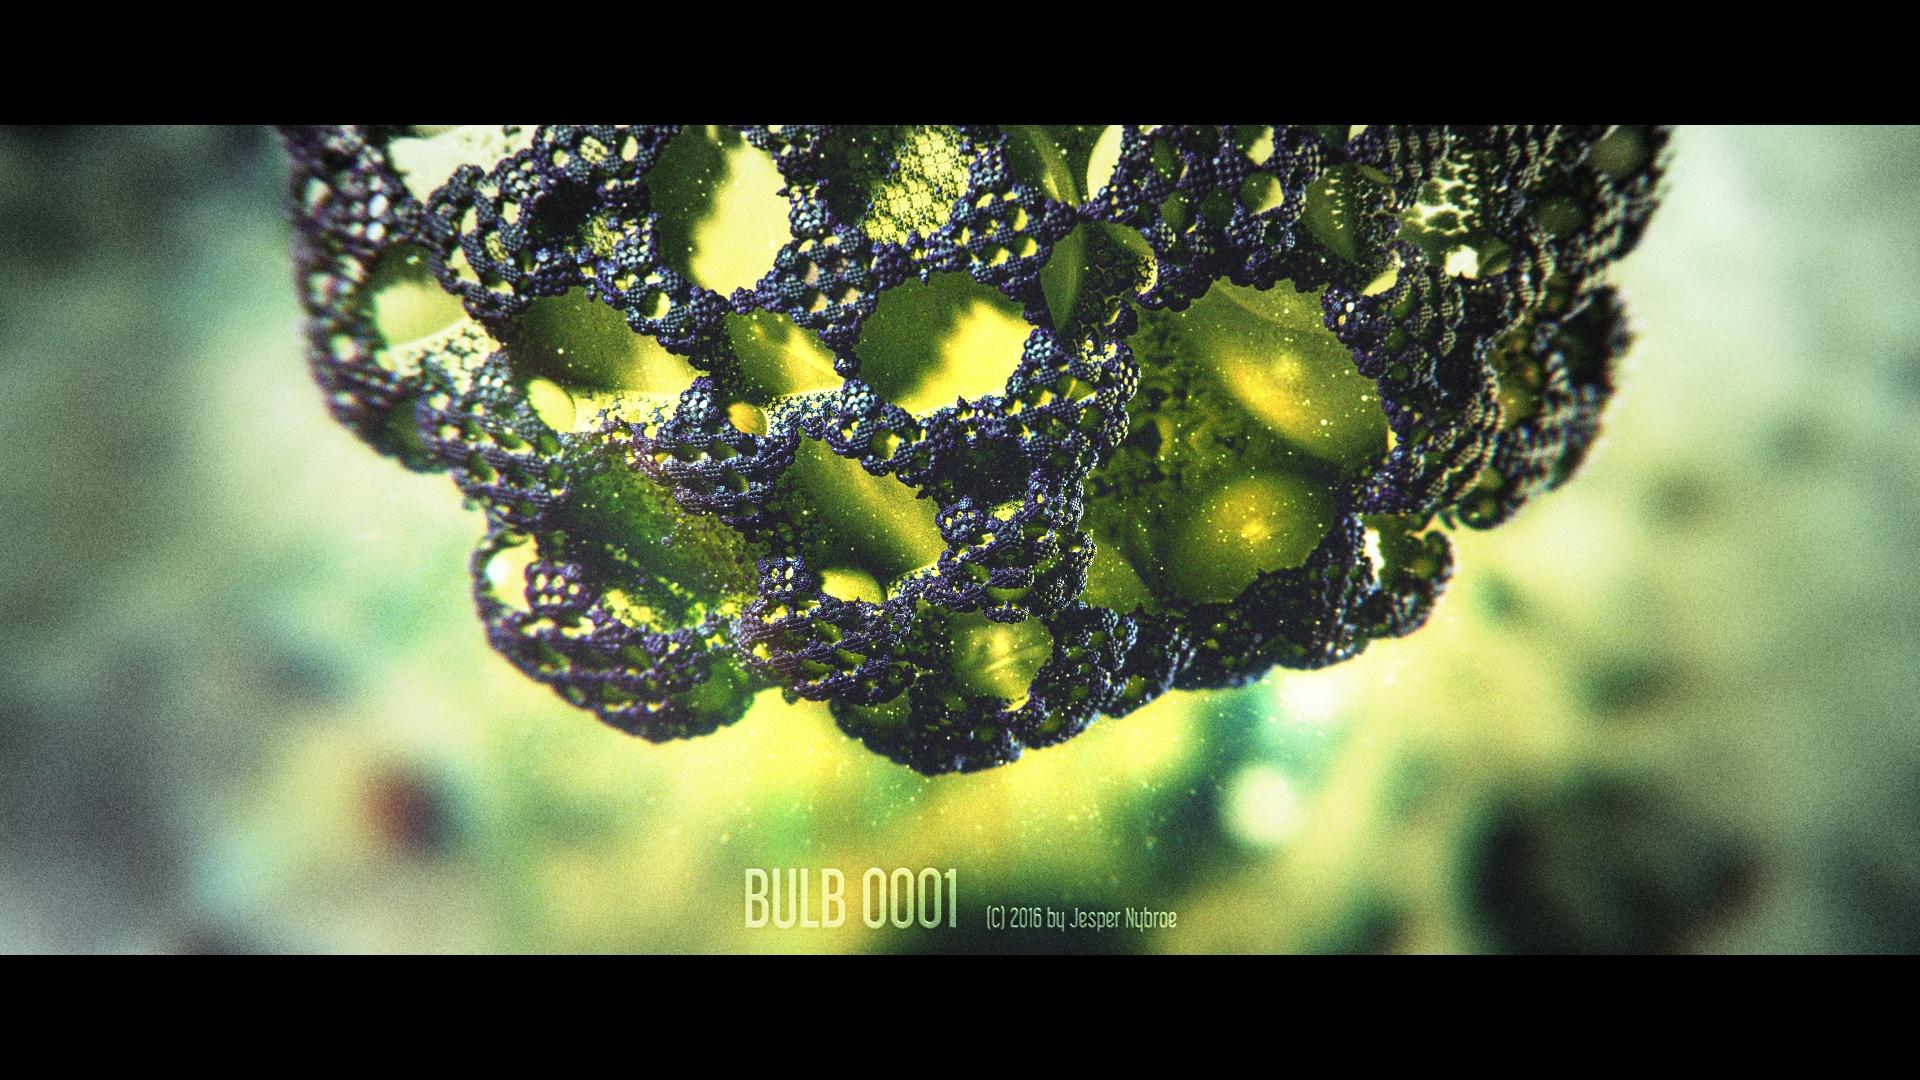 Bulb0001_v001.0001.jpg